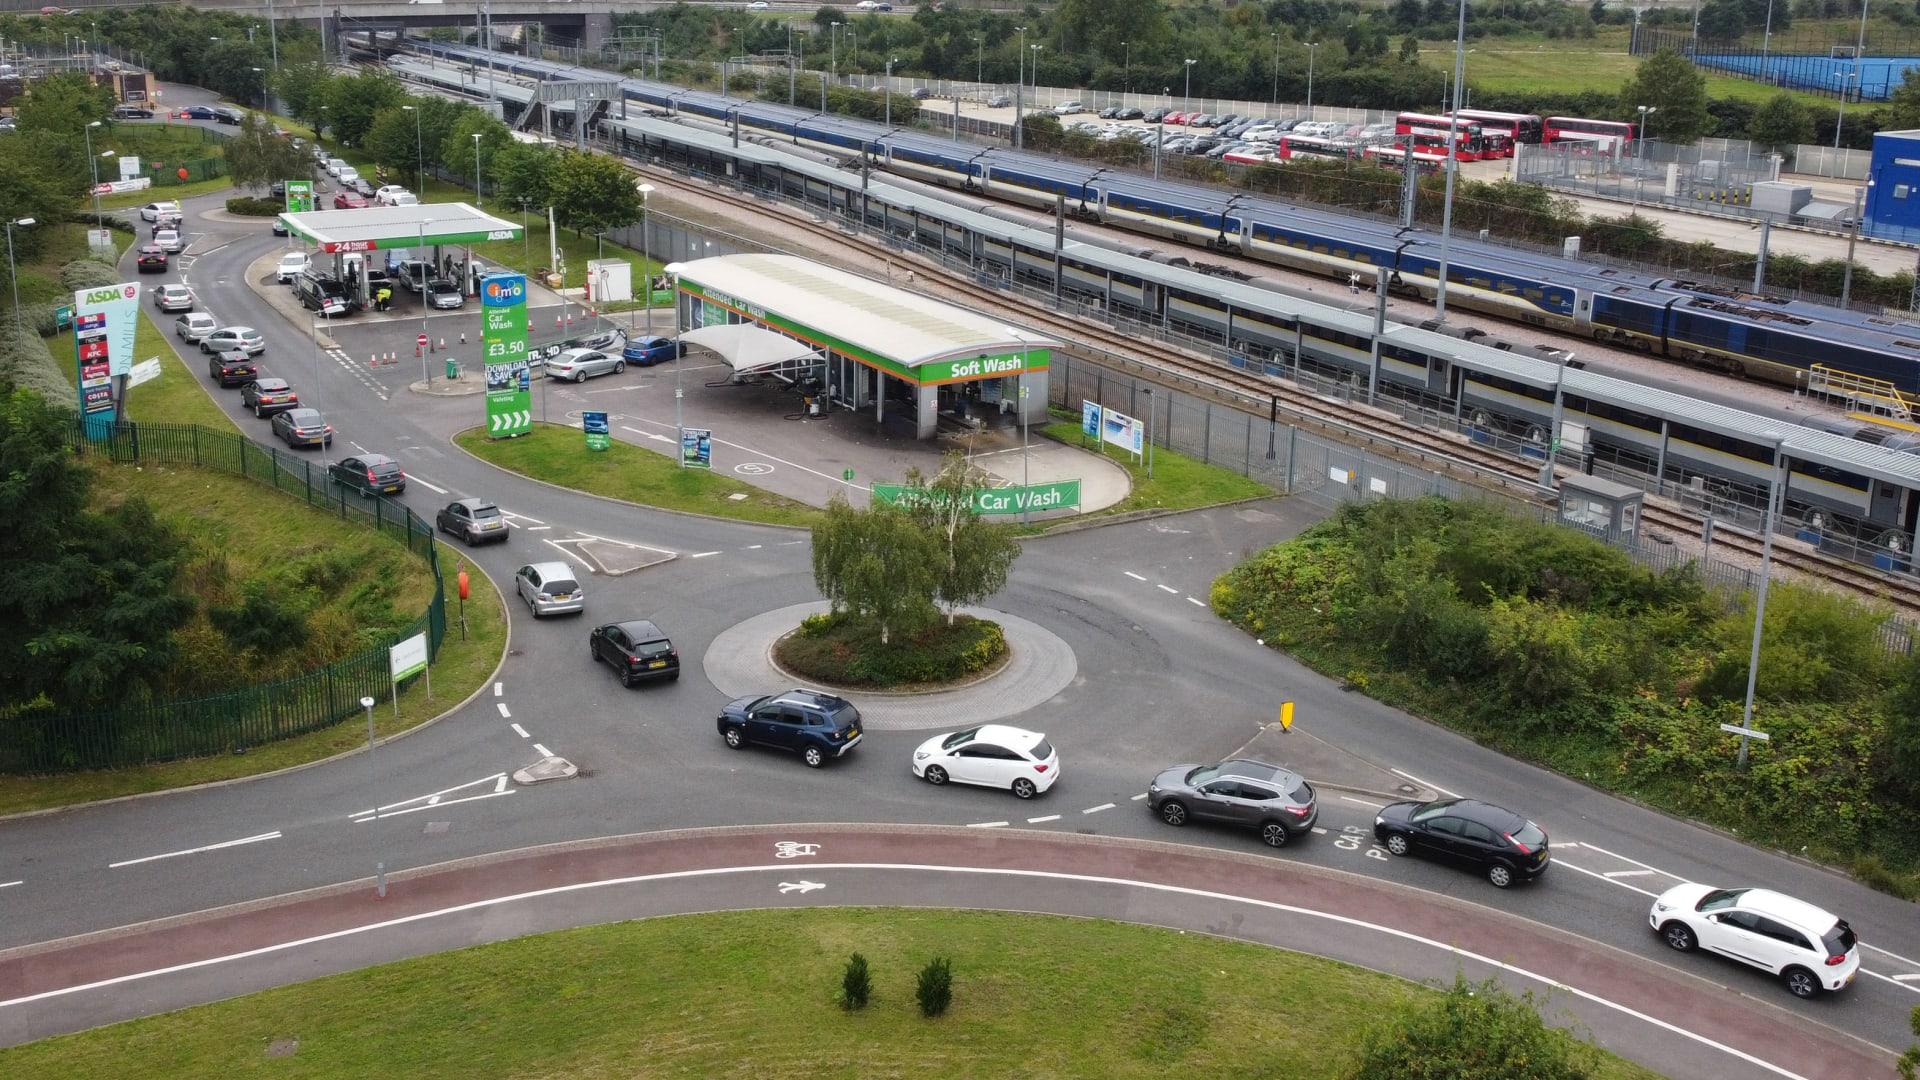 نقص الوقود في بريطانيا.. الحكومة تدرس تسهيل دخول السائقين الأجانب لحل الأزمة